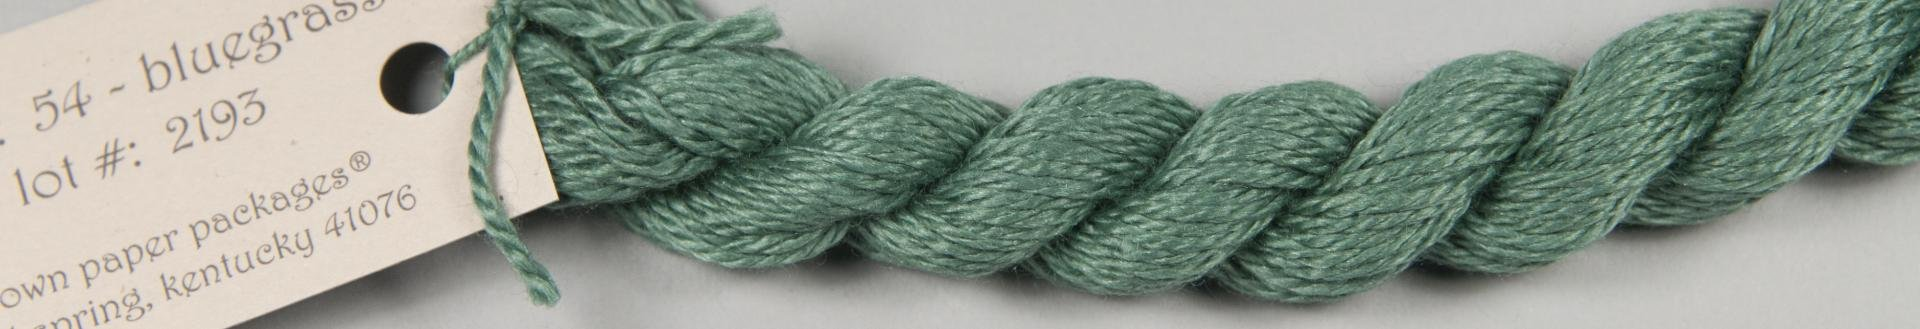 Silk & Ivory 54 Bluegrass